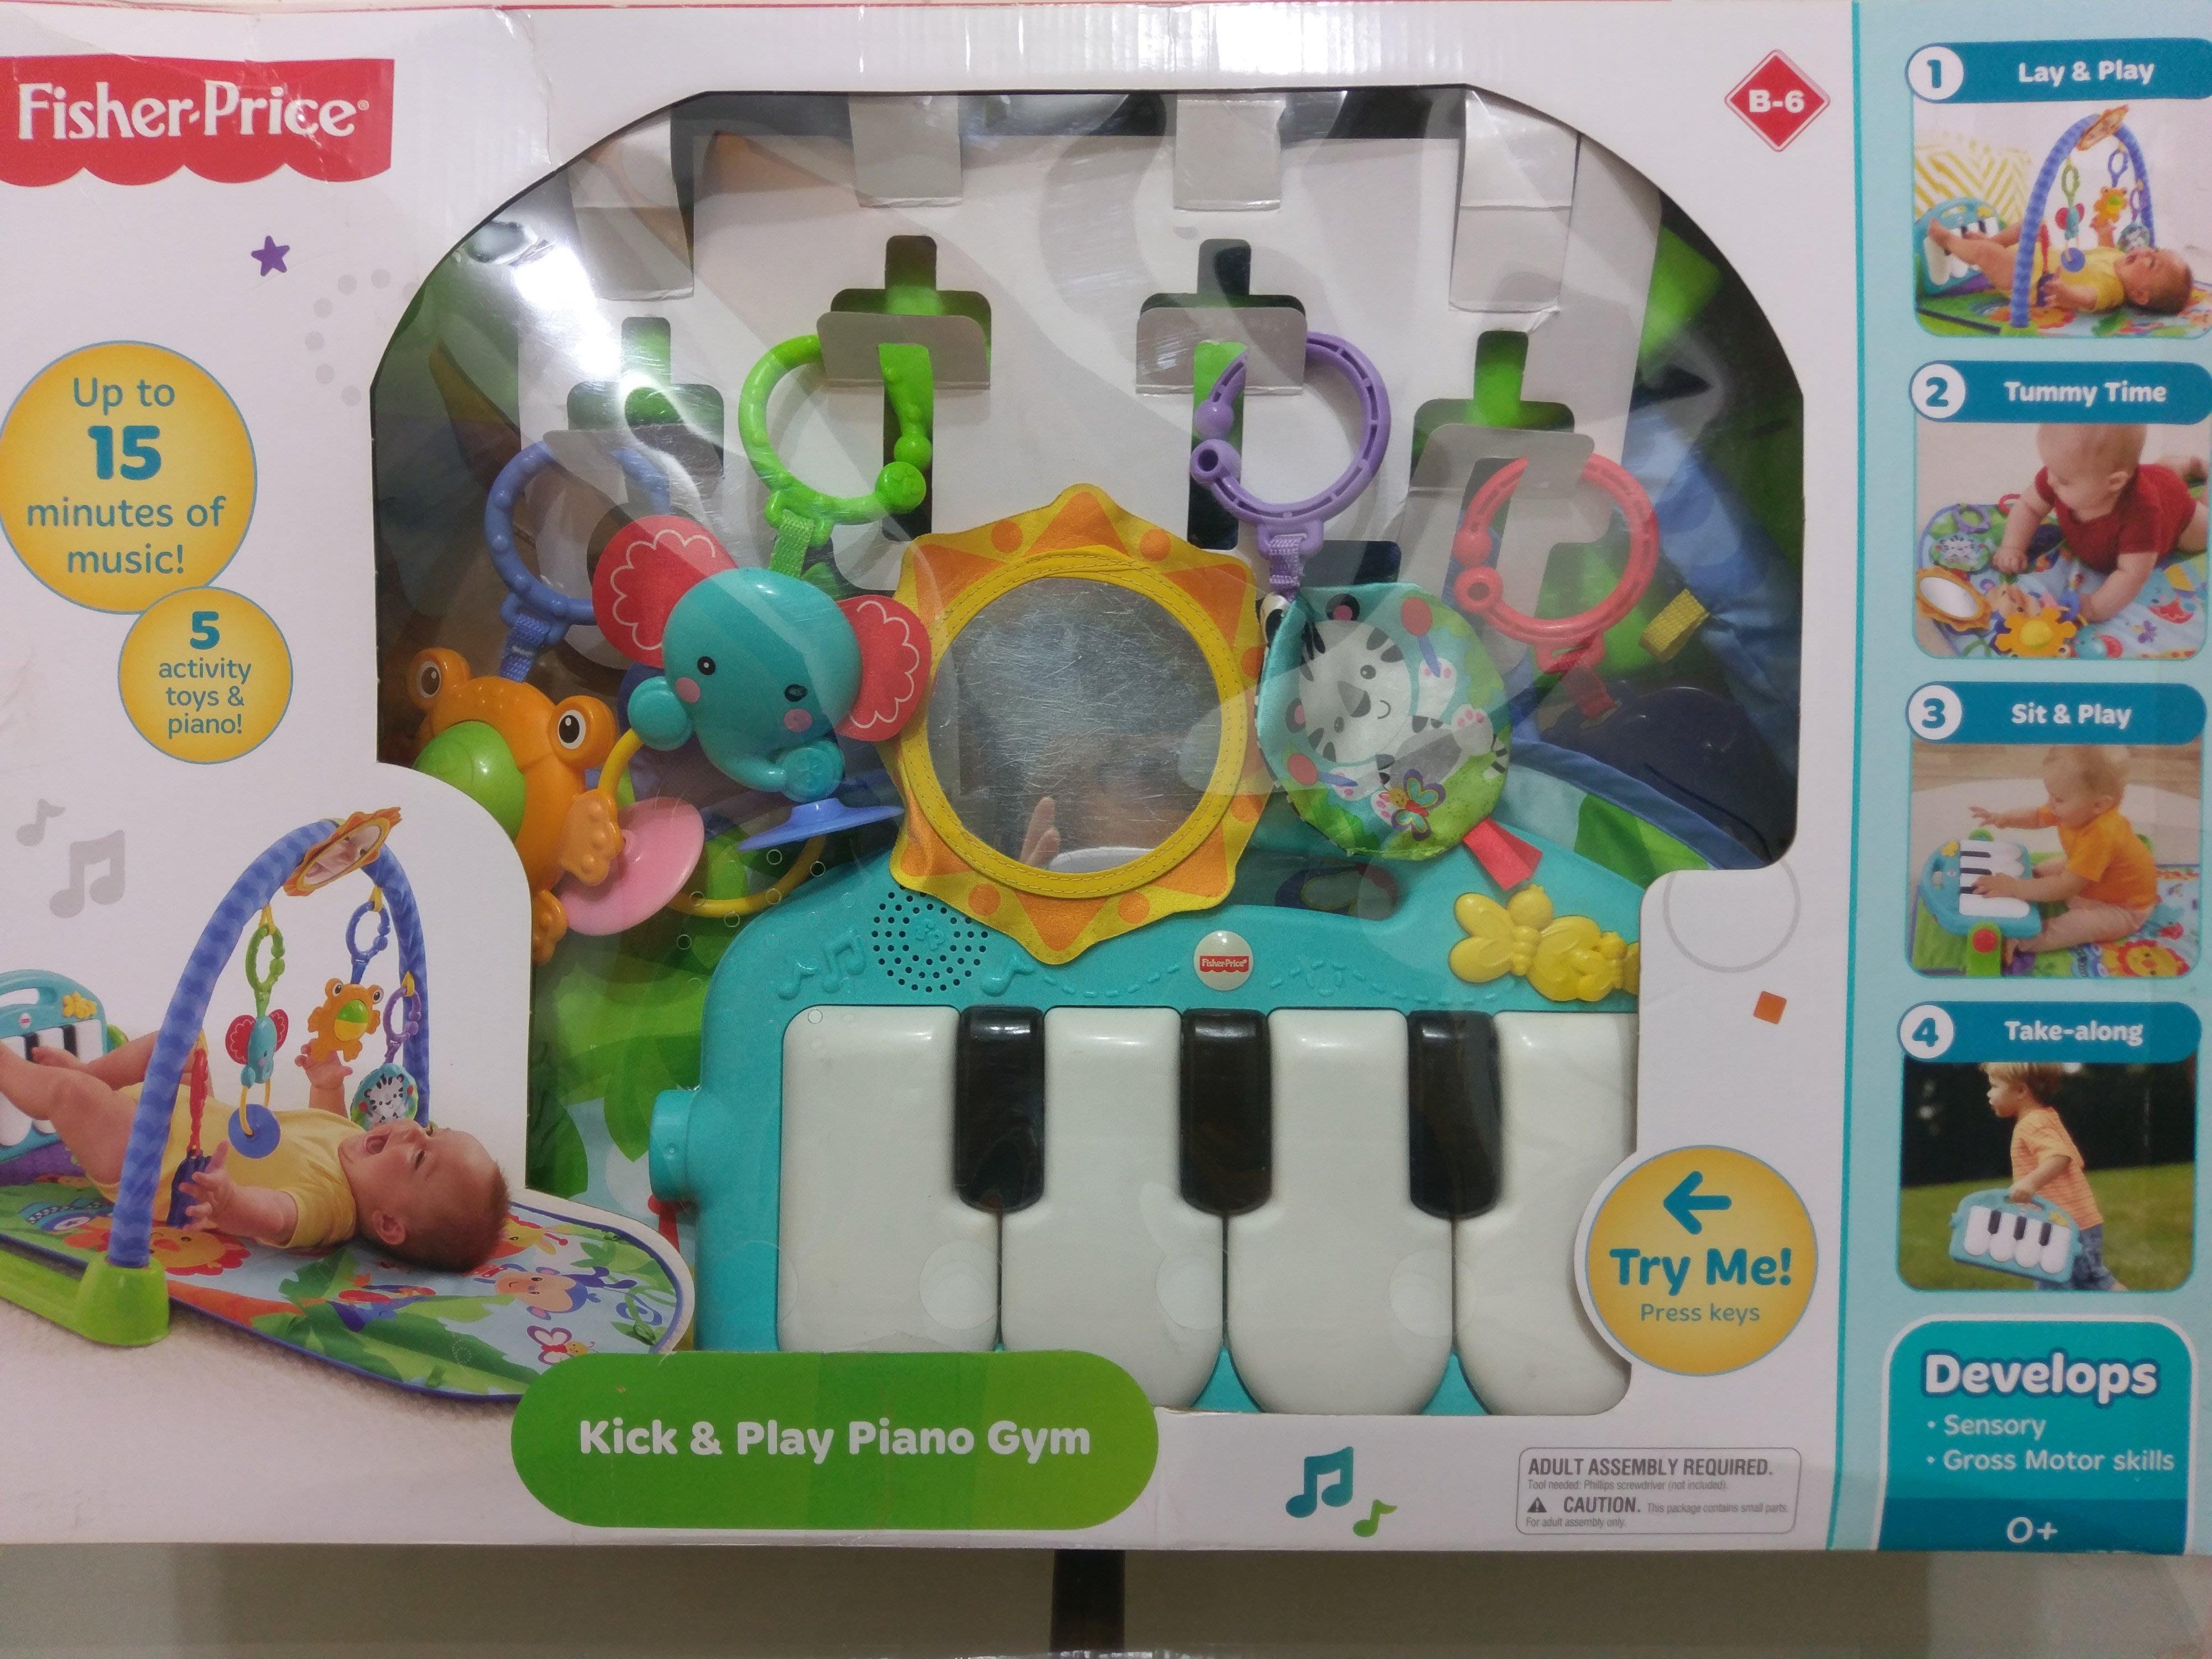 [二手] 費雪 Fisher Price 可愛動物小鋼琴健身器 感覺統合體能教具玩具 踢踢腳鋼琴 踏腳鋼琴(0M+)附盒